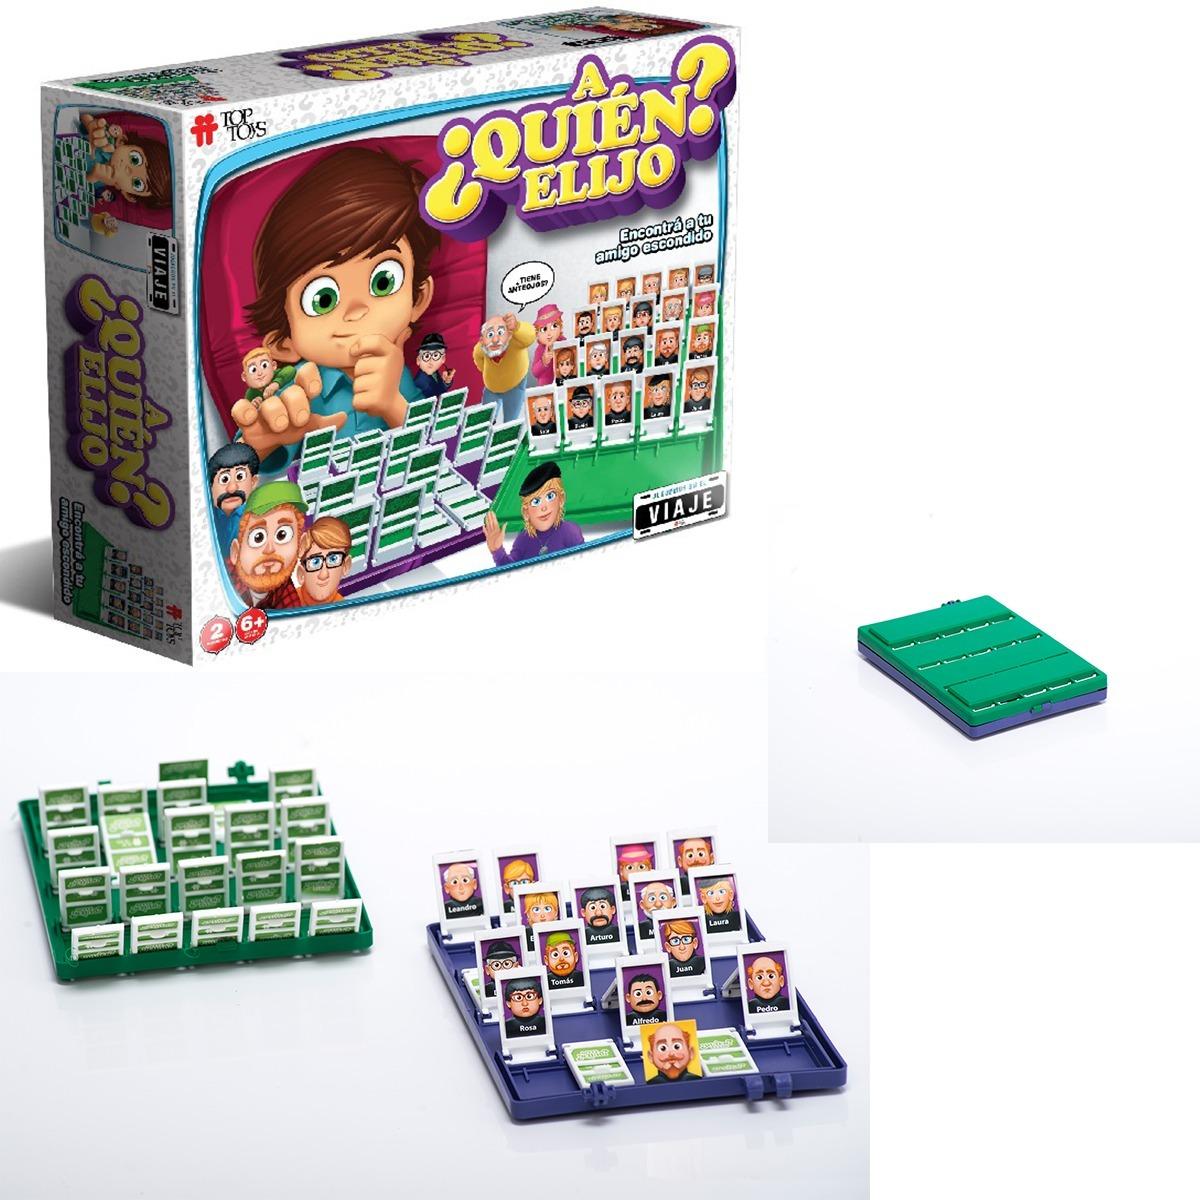 2 Juegos Mesa Infantil A Quien Elijo Tablero Viaje Top Toys 958